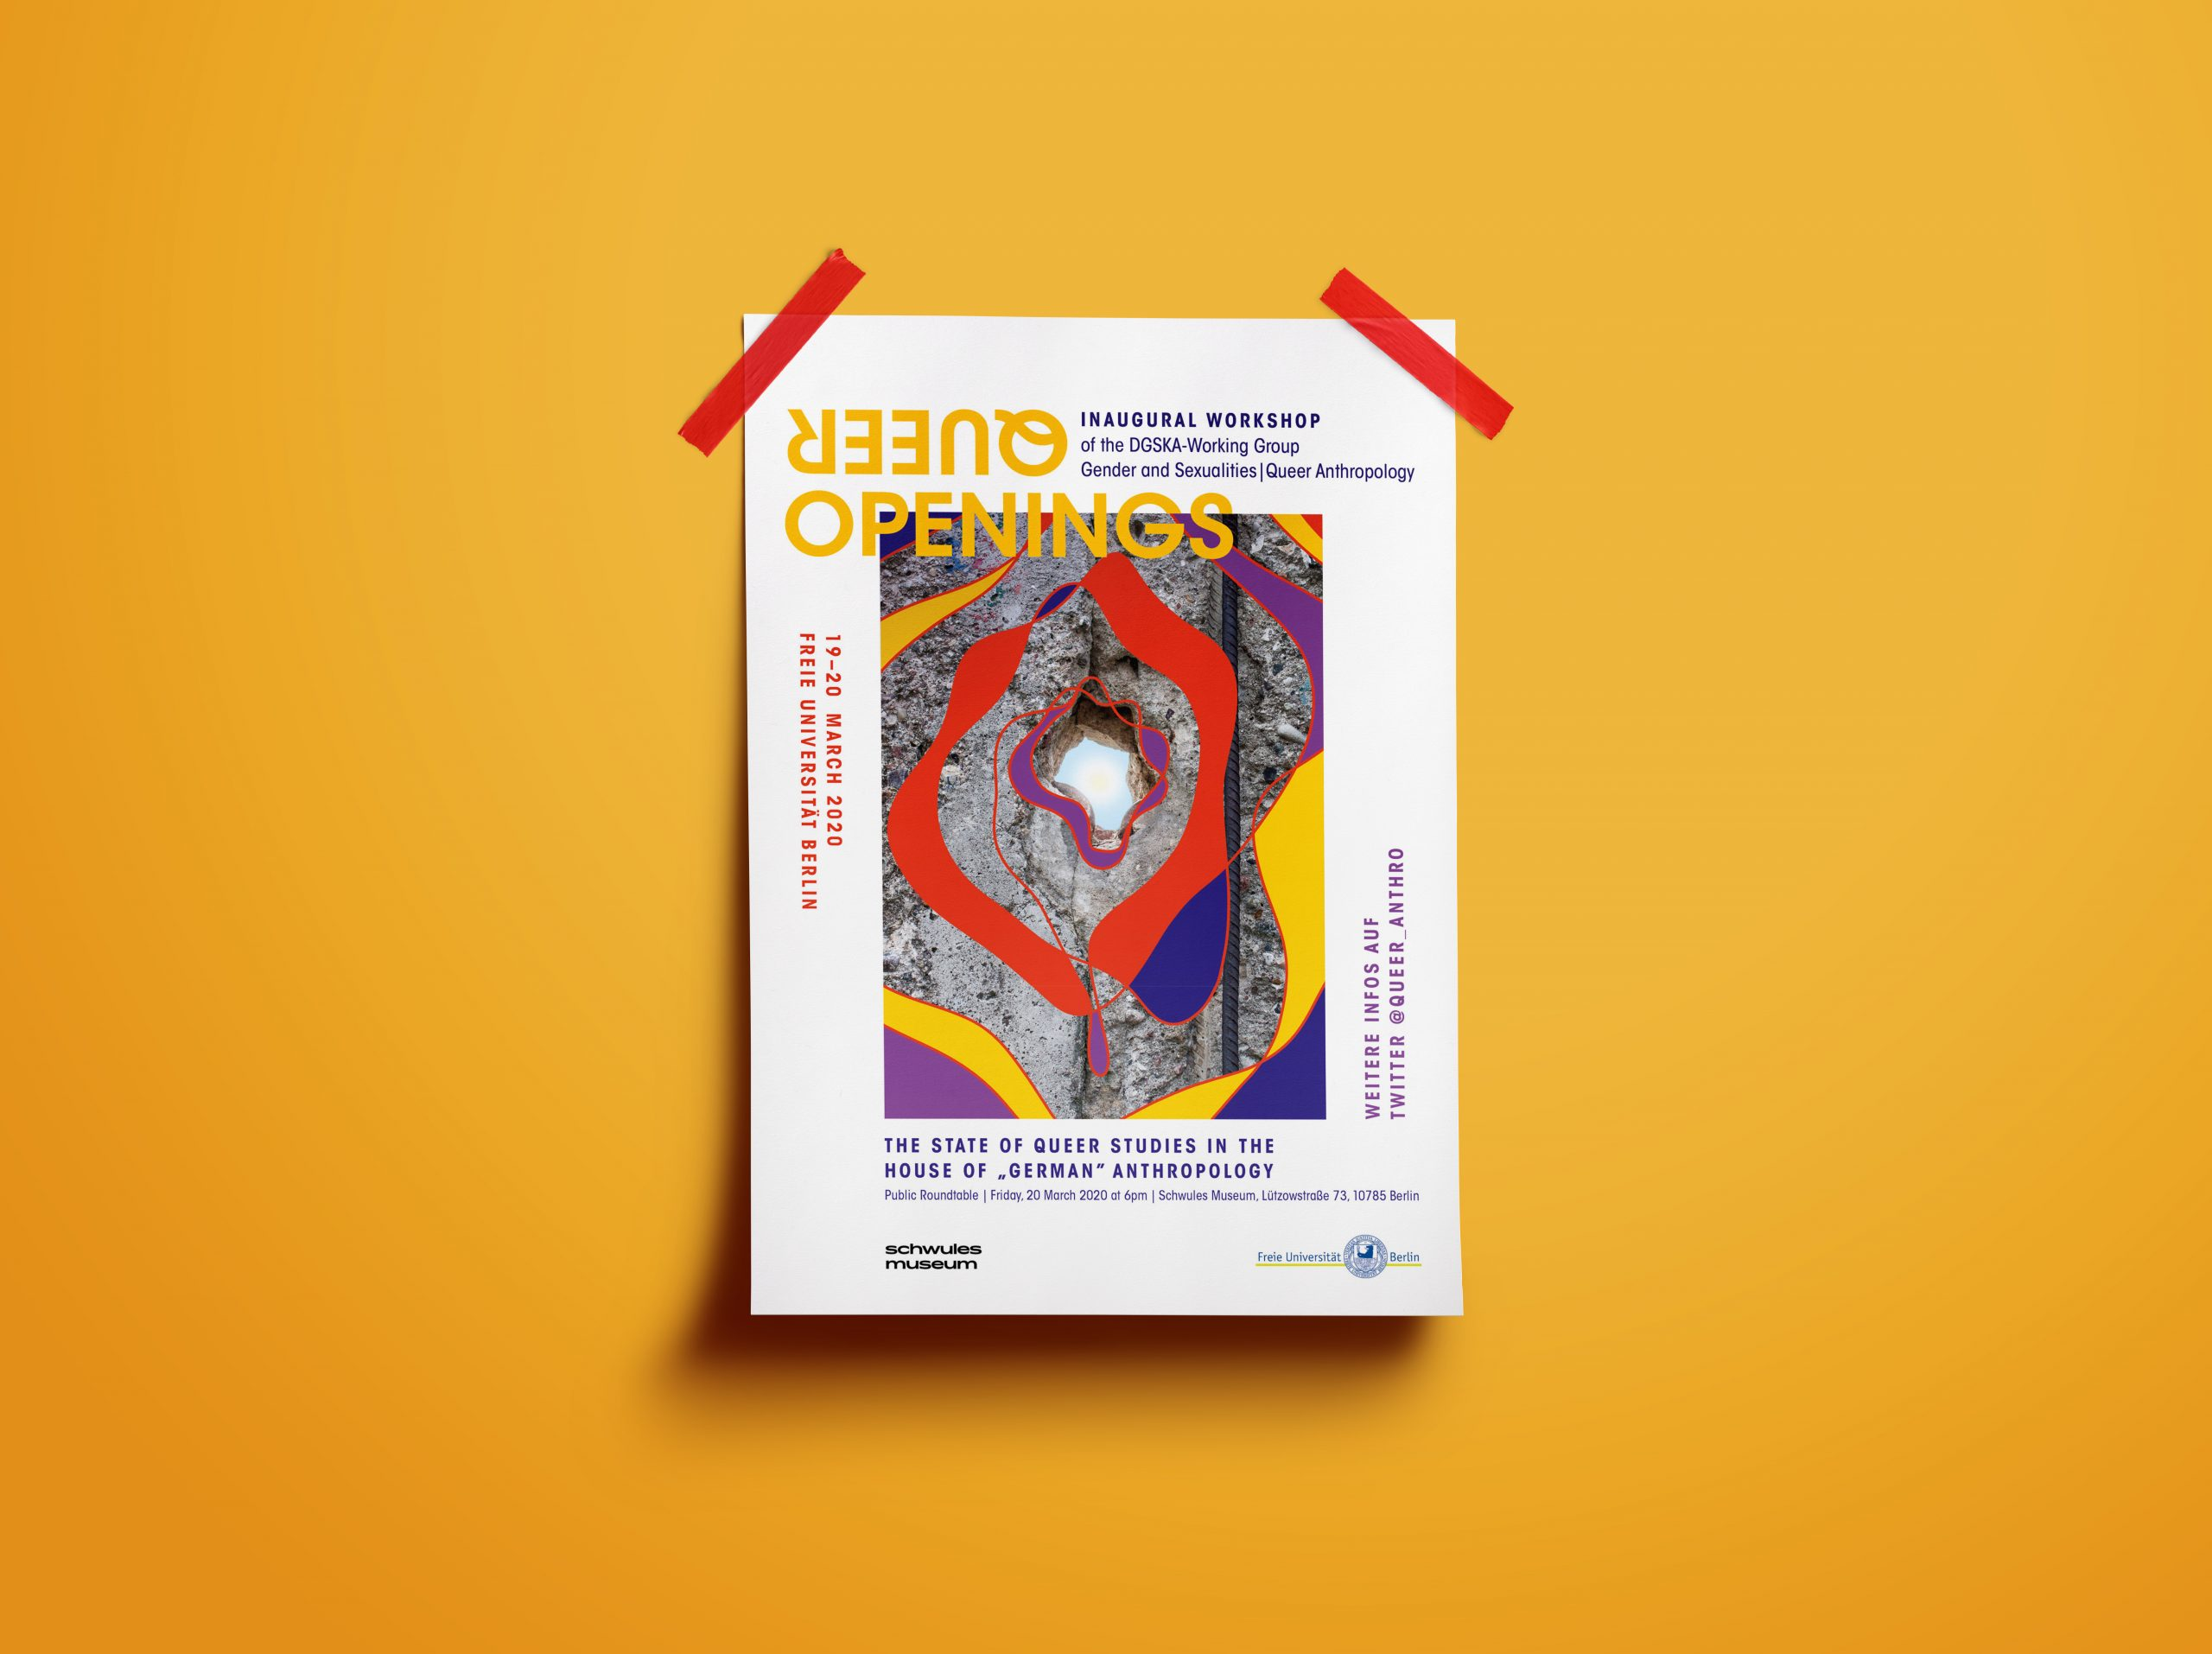 """Plakat für einen einen Workshop """"Queer Opening"""" klebt mit roten Klebestreifen an einer sonnegelben Wand."""